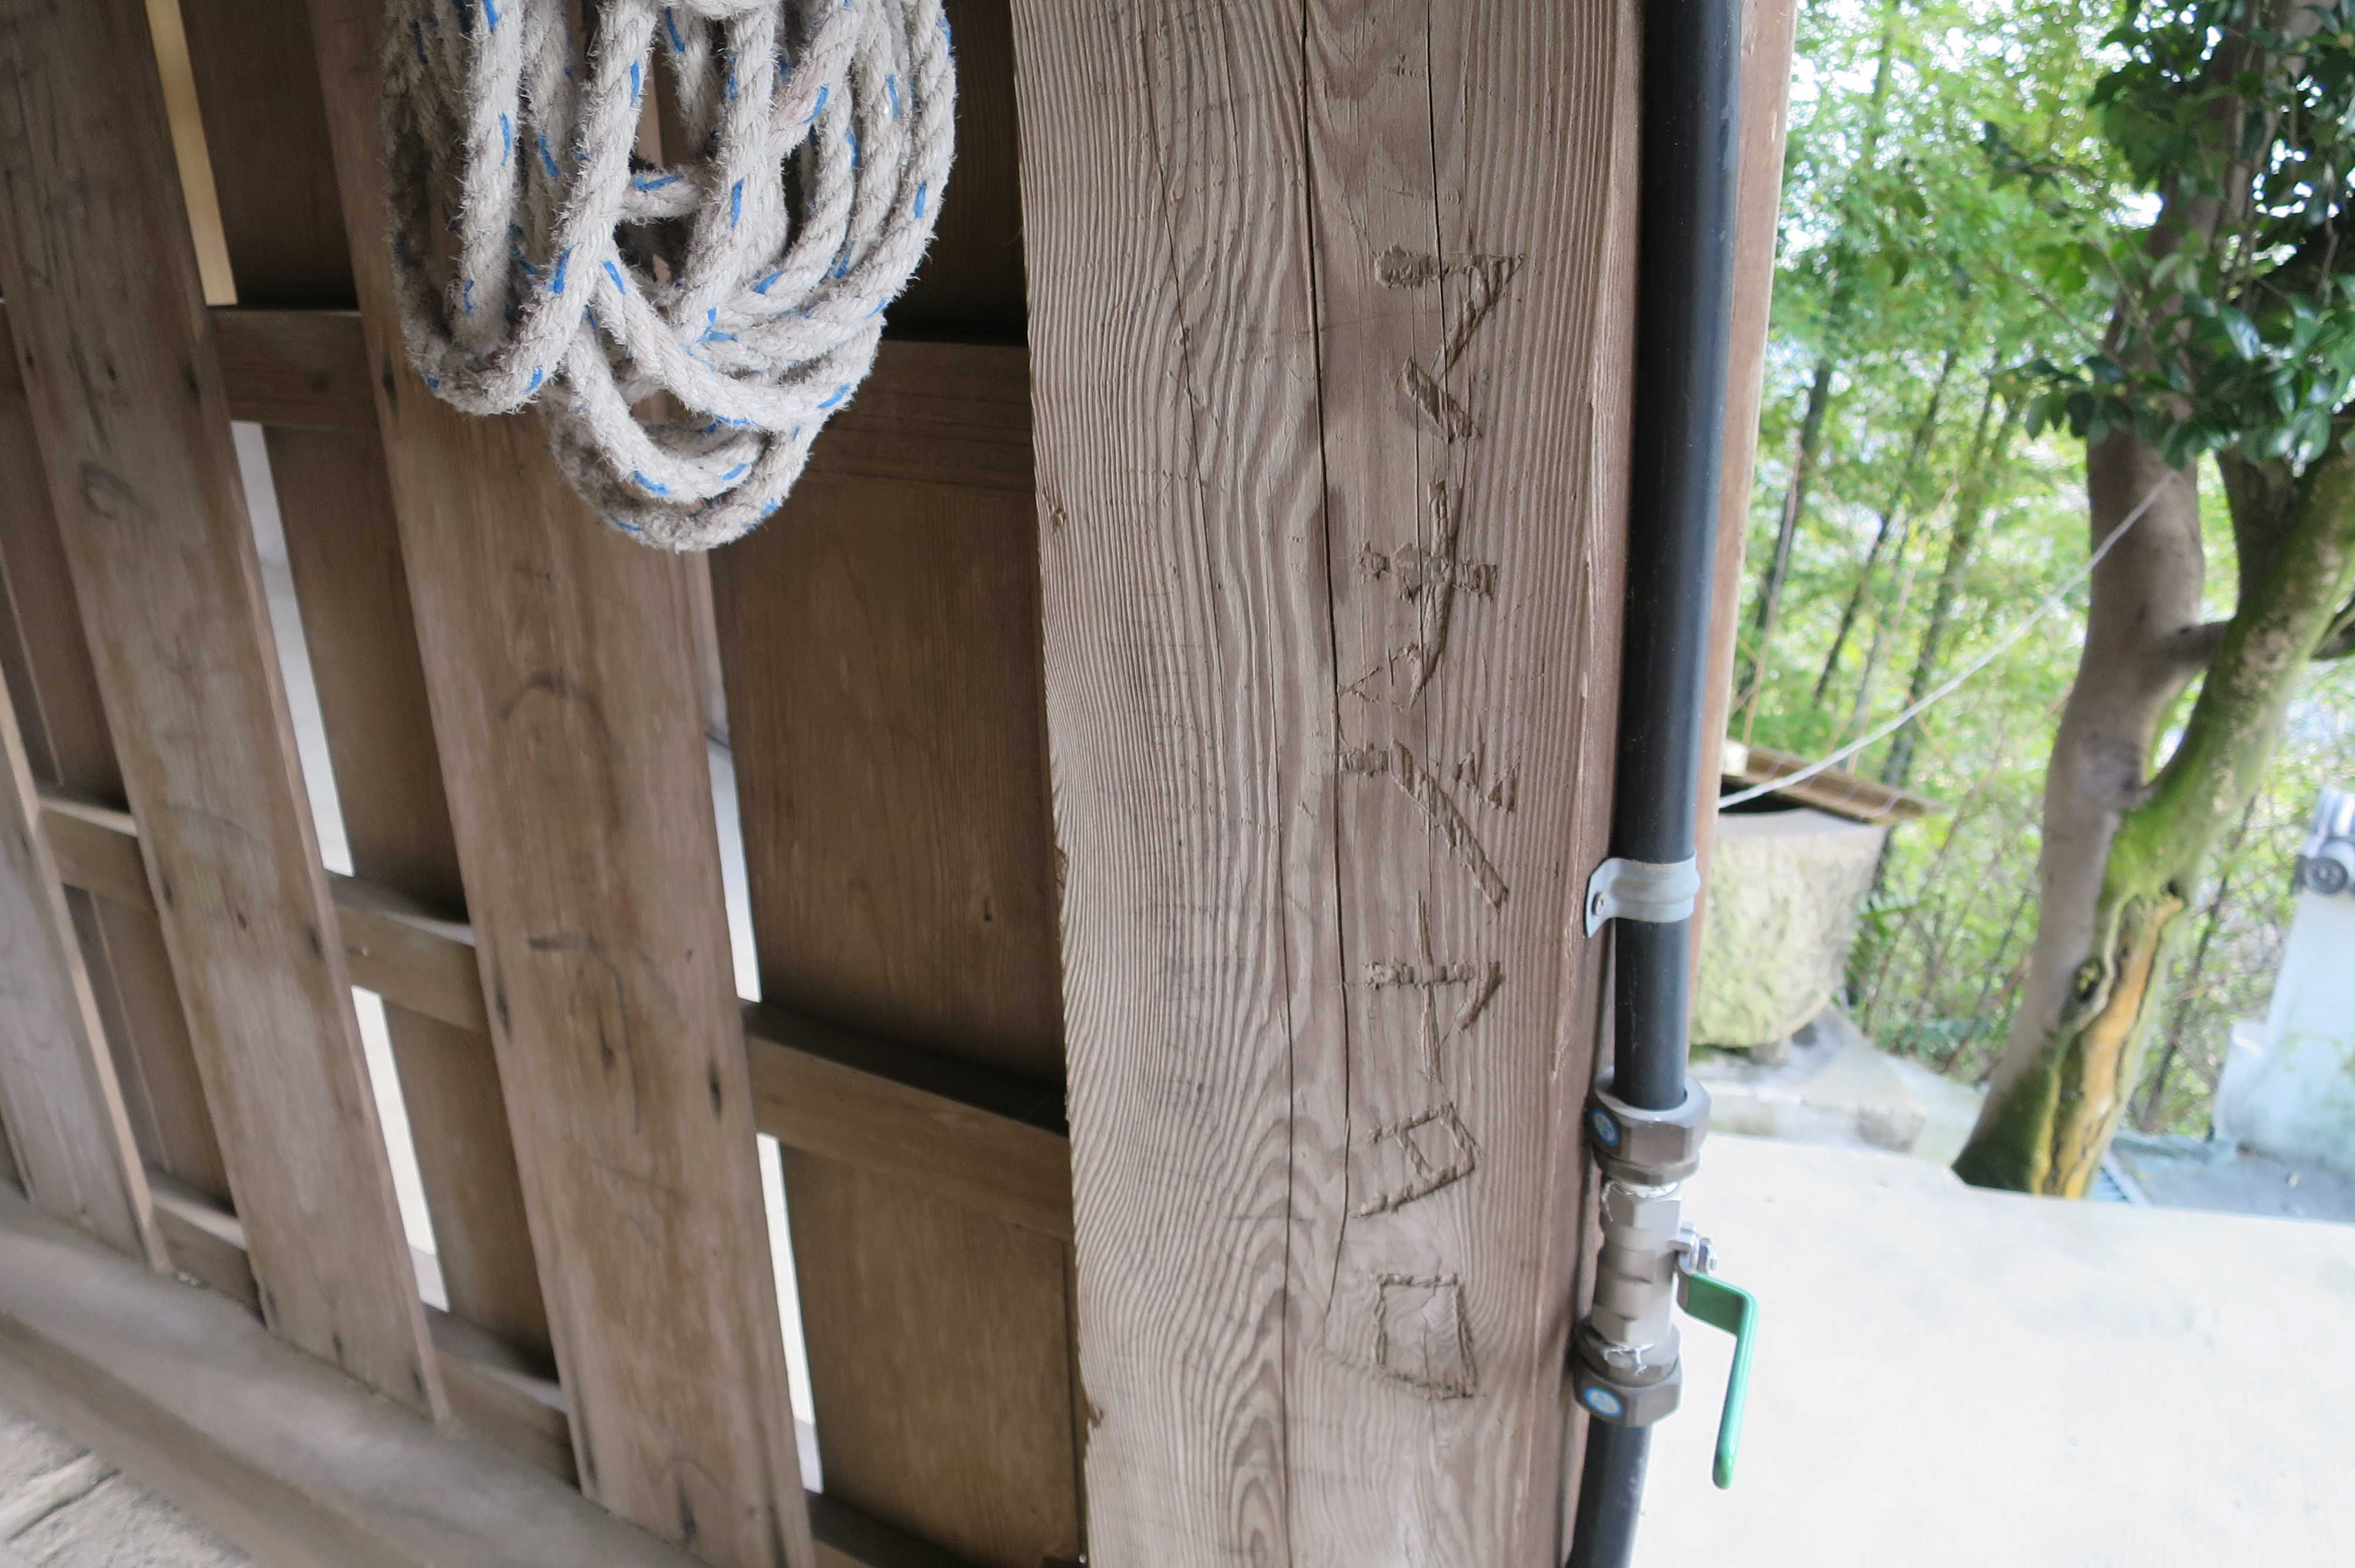 マナベヤタロ(真鍋弥太郎)さんの落書き - 奥の院捨身ヶ嶽禅定